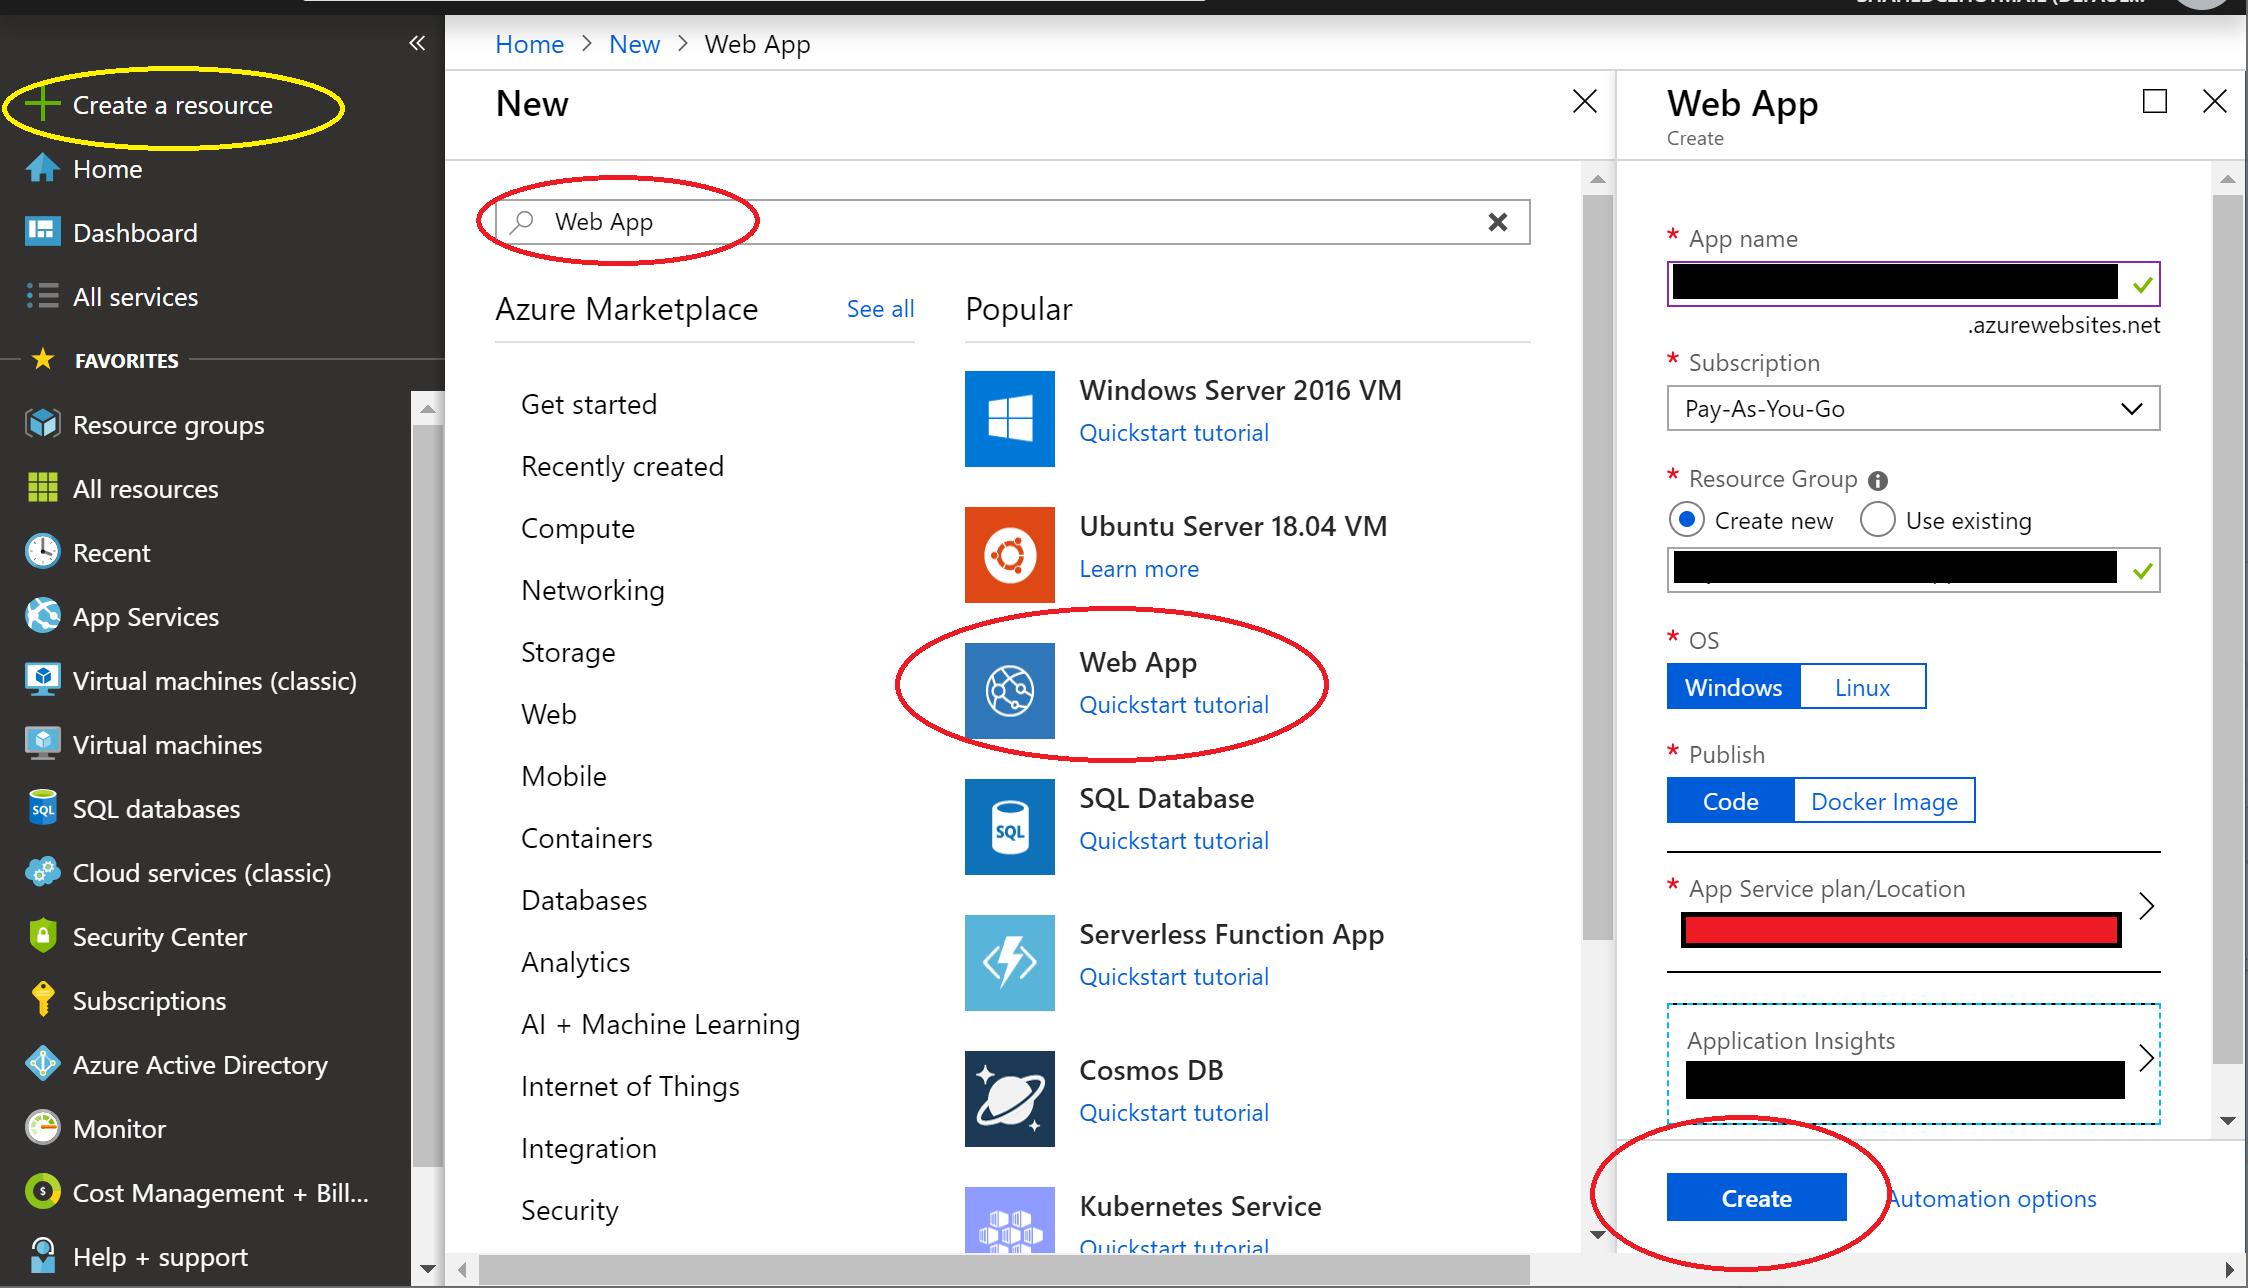 New Web App in Azure